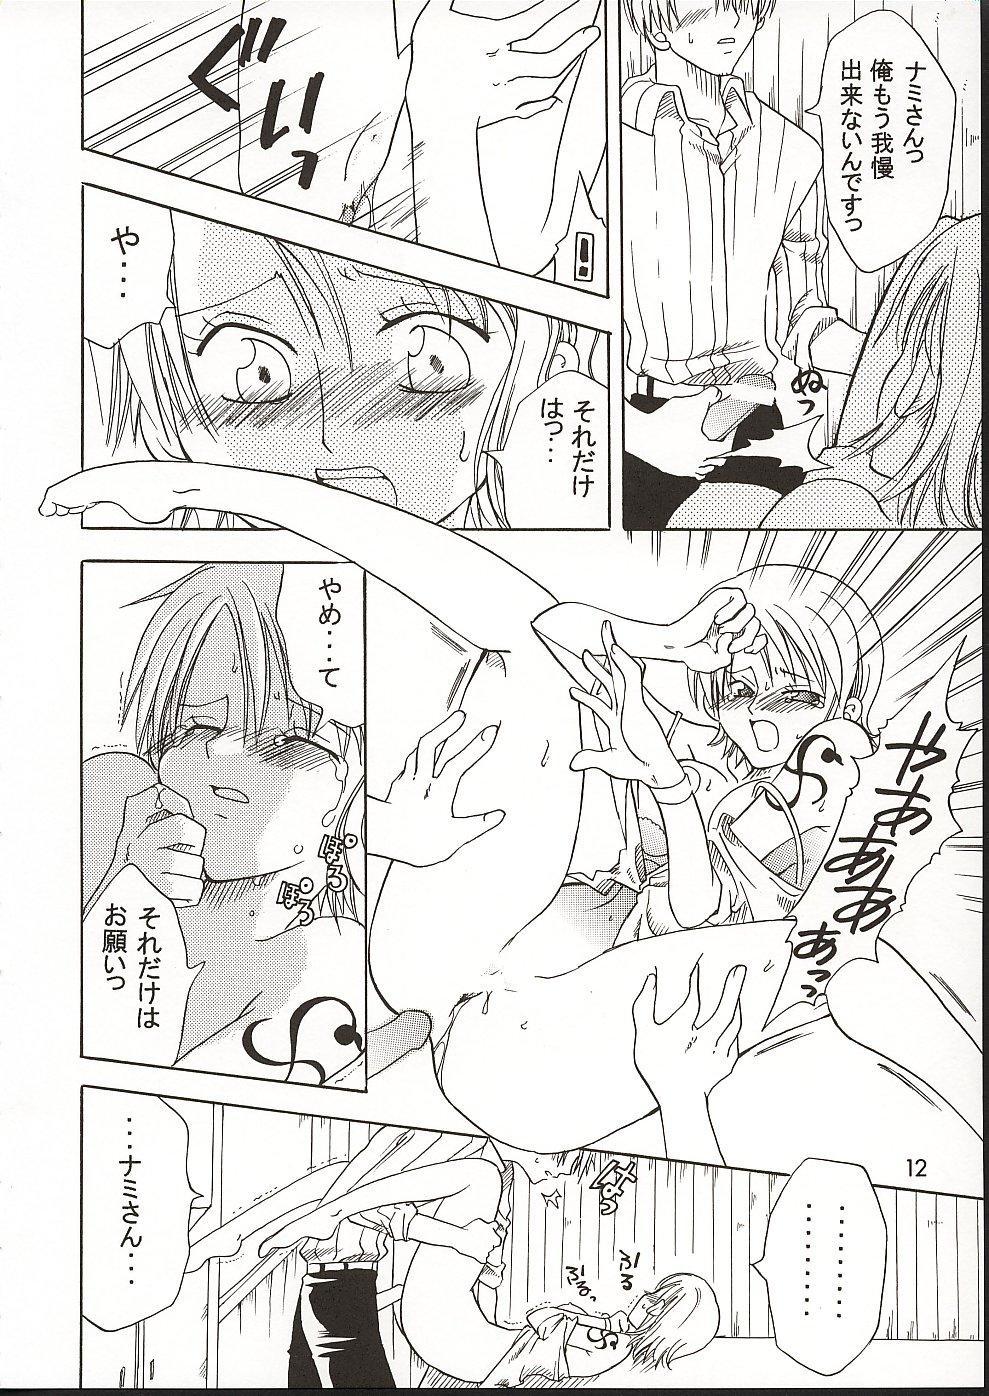 Shiawase Punch! 3 10